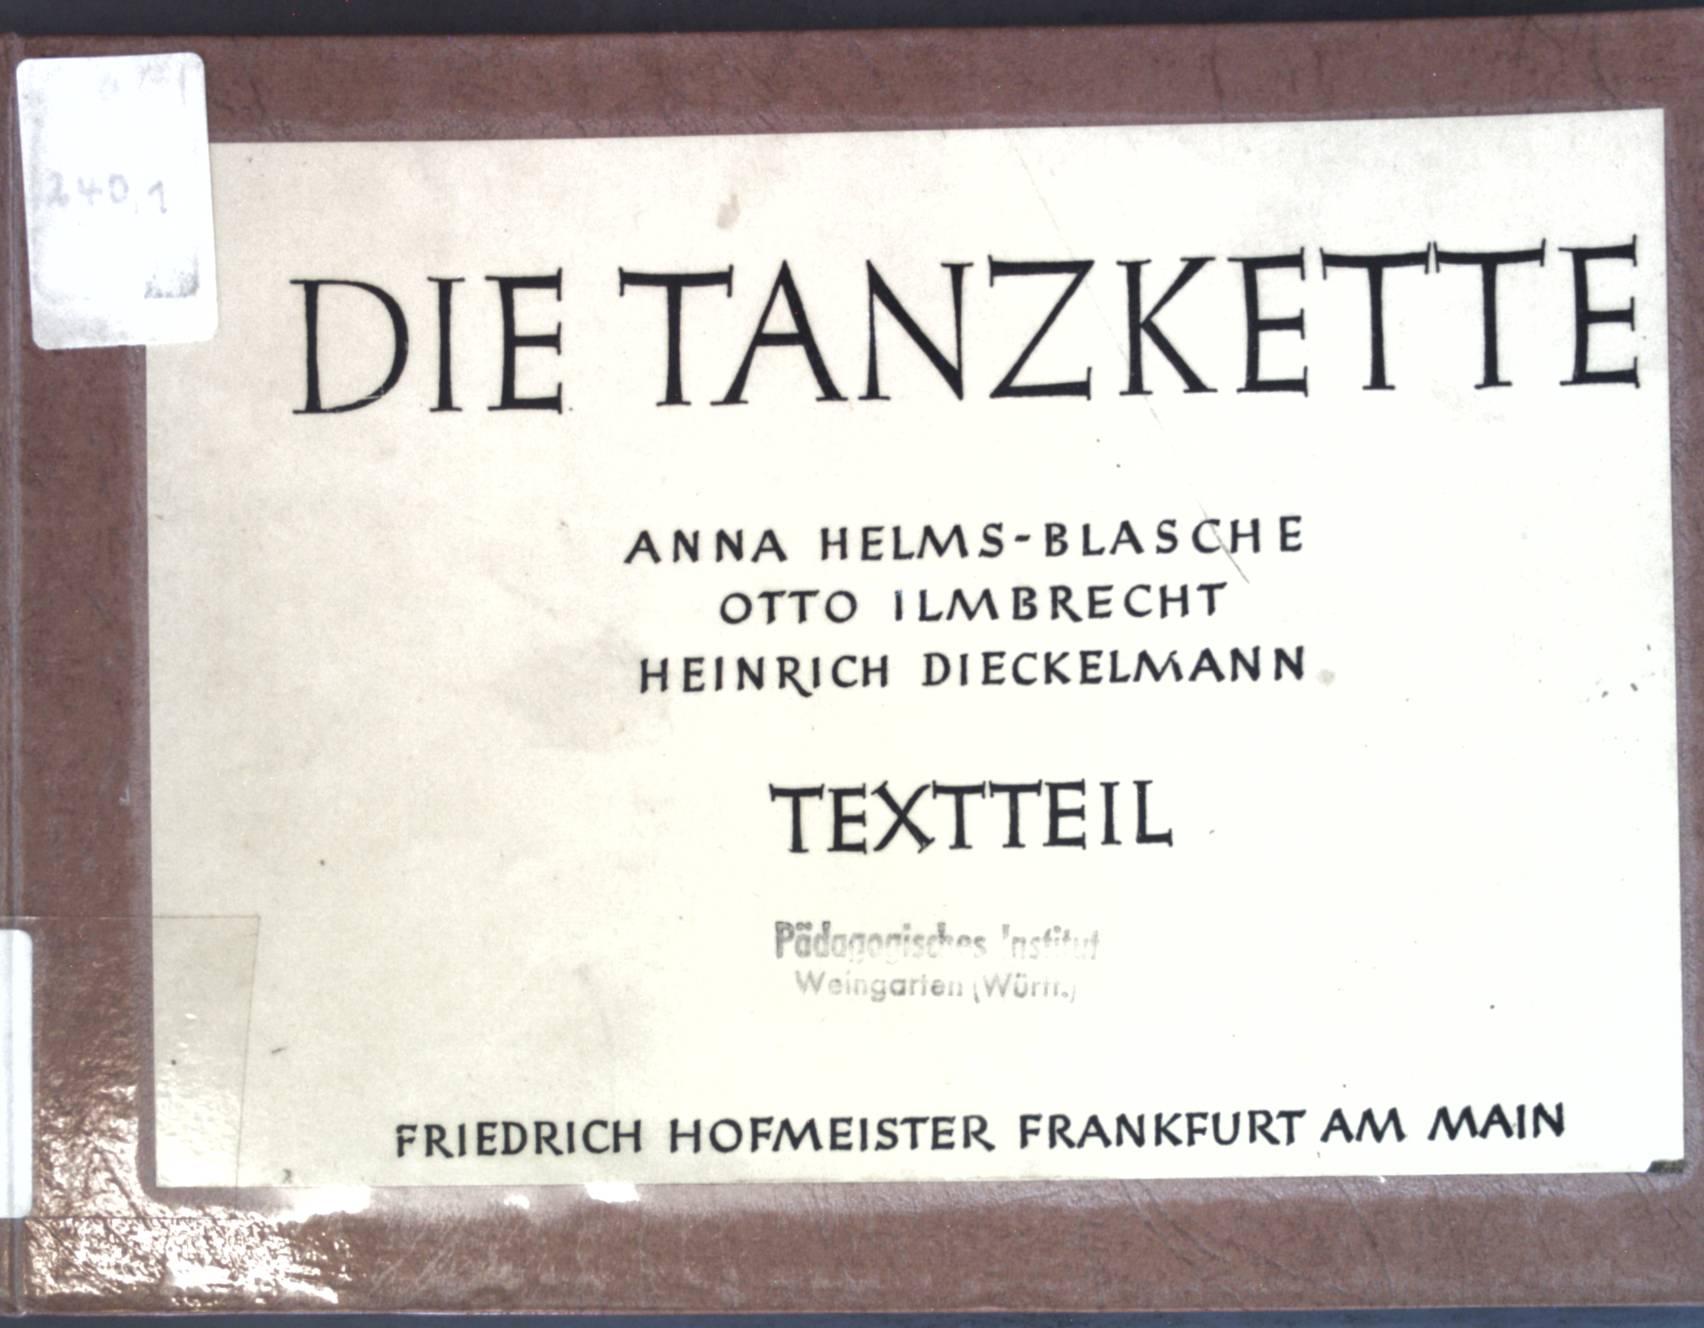 Die Tanzkette: Ein Hand- und Werkbuch für: Helms-Blasche, Anna, Otto